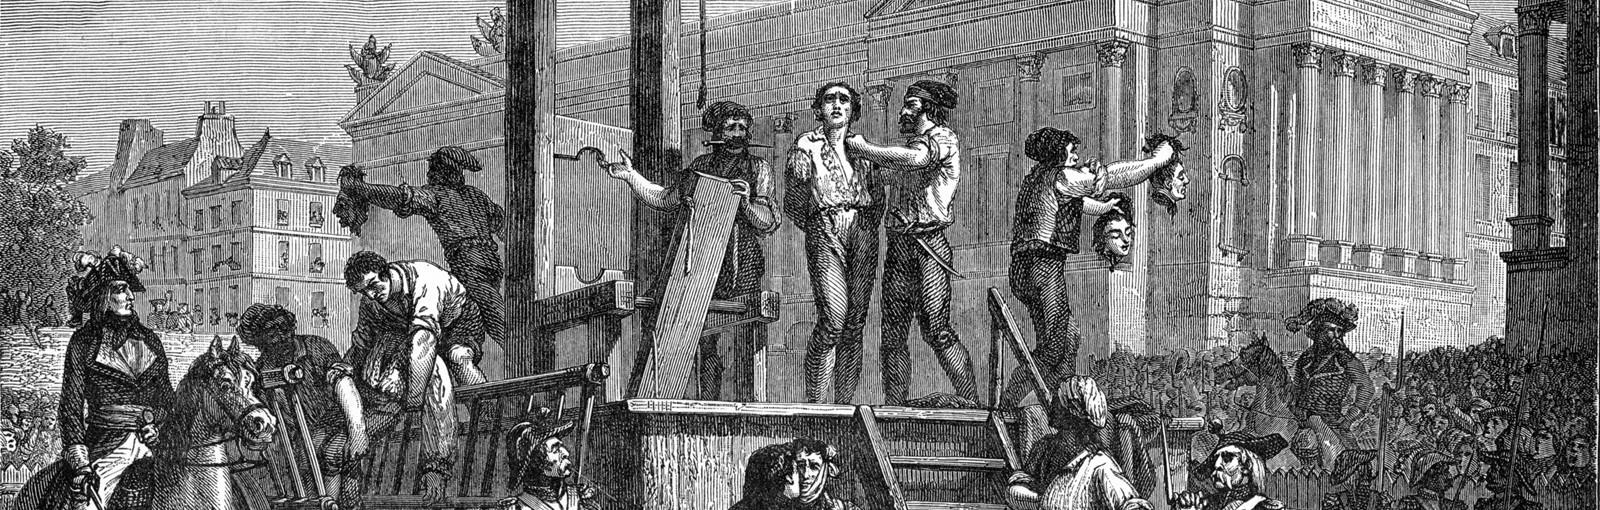 Tours La Fayette et la Révolution Française - Visites pédestres - Visites de Paris